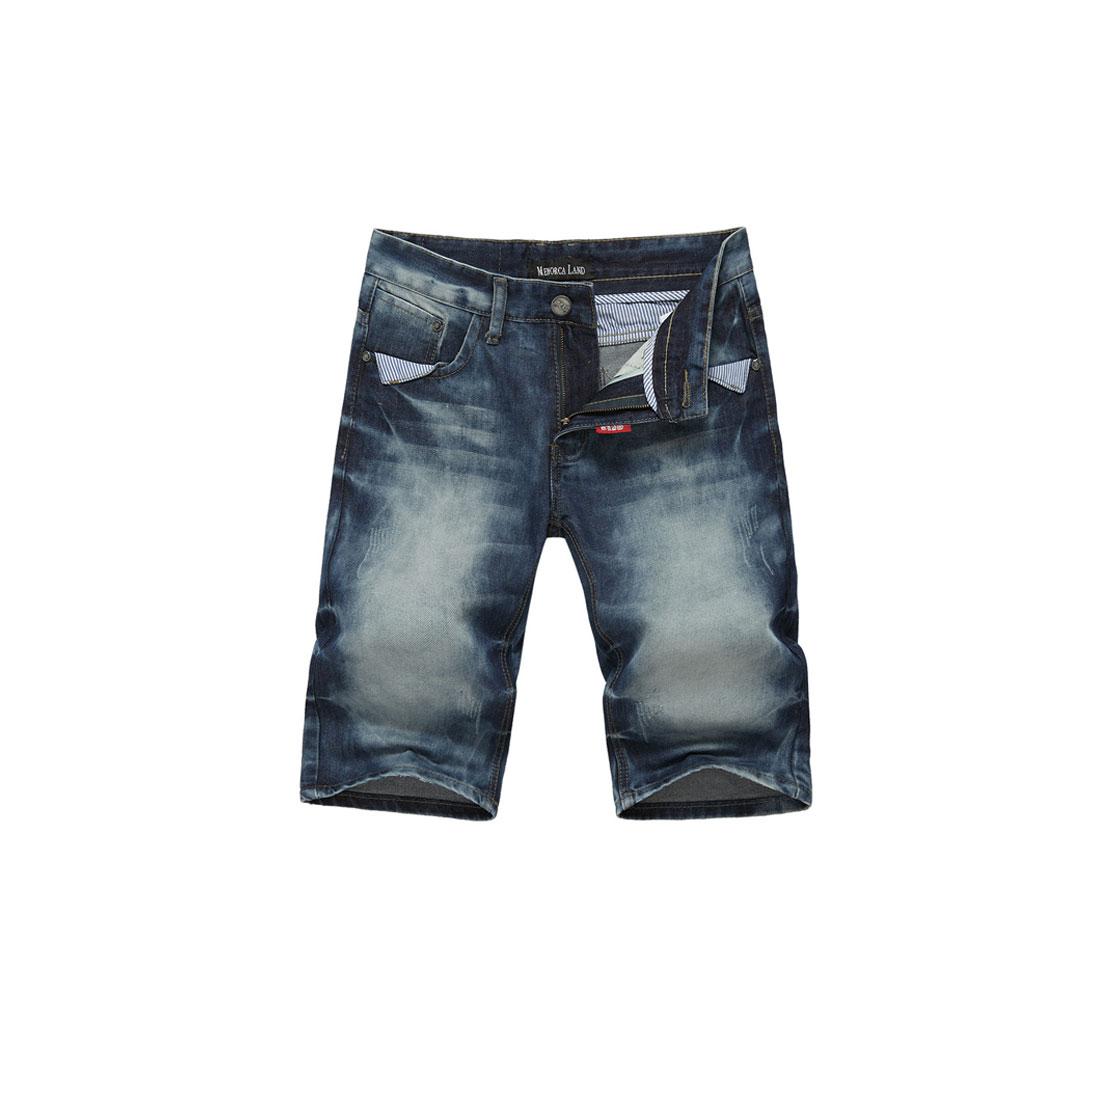 Men Button Closure Hidden Zipper Belt Loops Summer Jeans Shorts W33 Blue